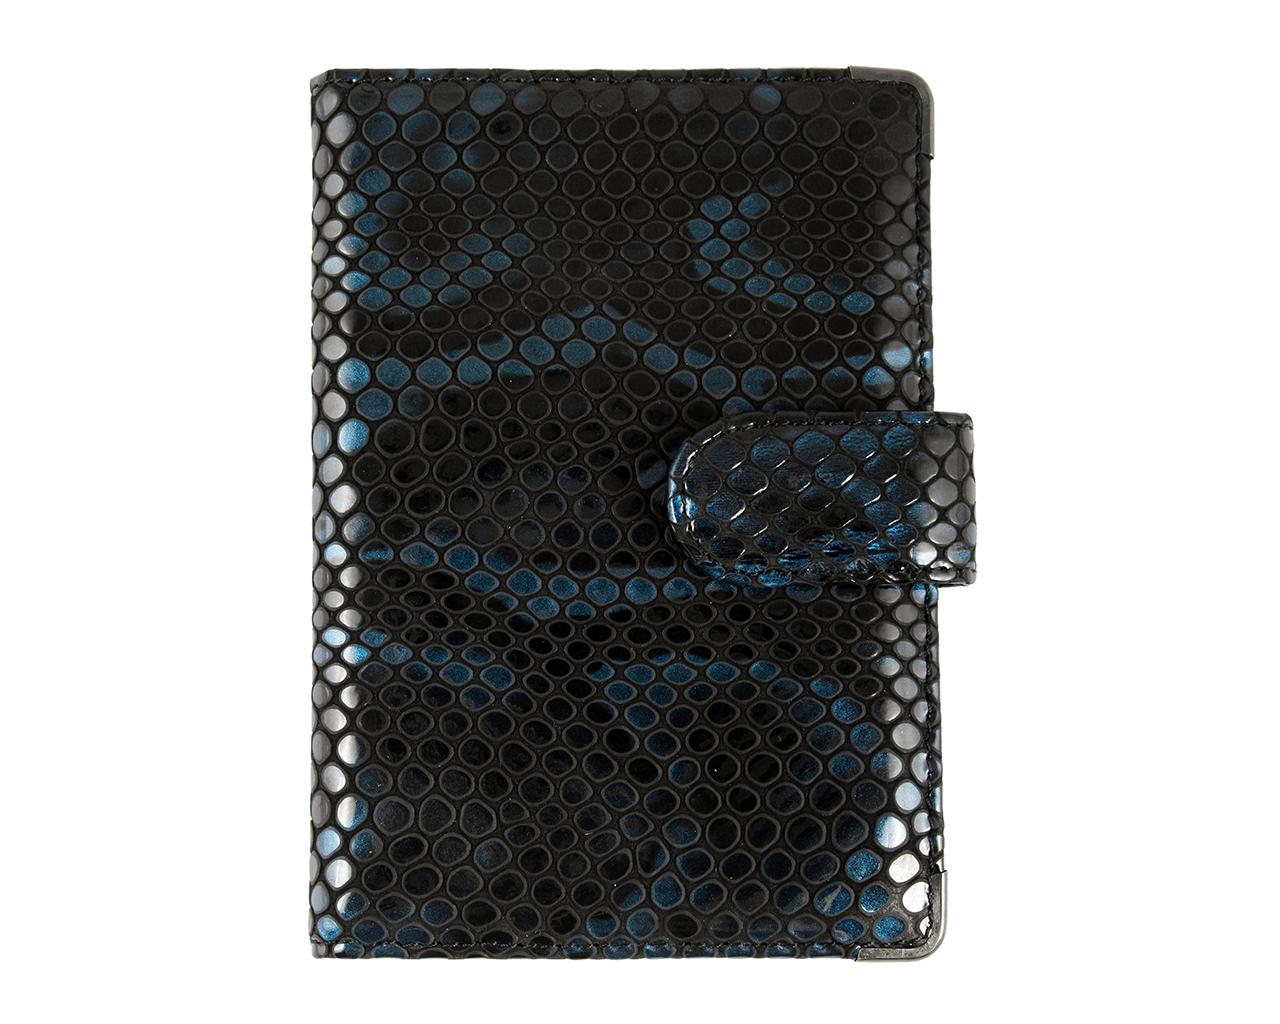 Обложка для документов женская Leo Ventoni, цвет: синий, черный. L330222L330222-blue pitonСтильная обложка для документов Leo Ventoni выполнена из натуральной лакированной кожи с тиснением под питона, дополнена металлической фурнитурой. Изделие раскладывается пополам и закрывается хлястиком на кнопку. Внутри размещены два накладных кармана для паспорта и четыре кармана для кредитных карт. Изделие поставляется в фирменной упаковке. Оригинальная обложка для документов Leo Ventoni станет отличным подарком для человека, ценящего качественные и практичные вещи.